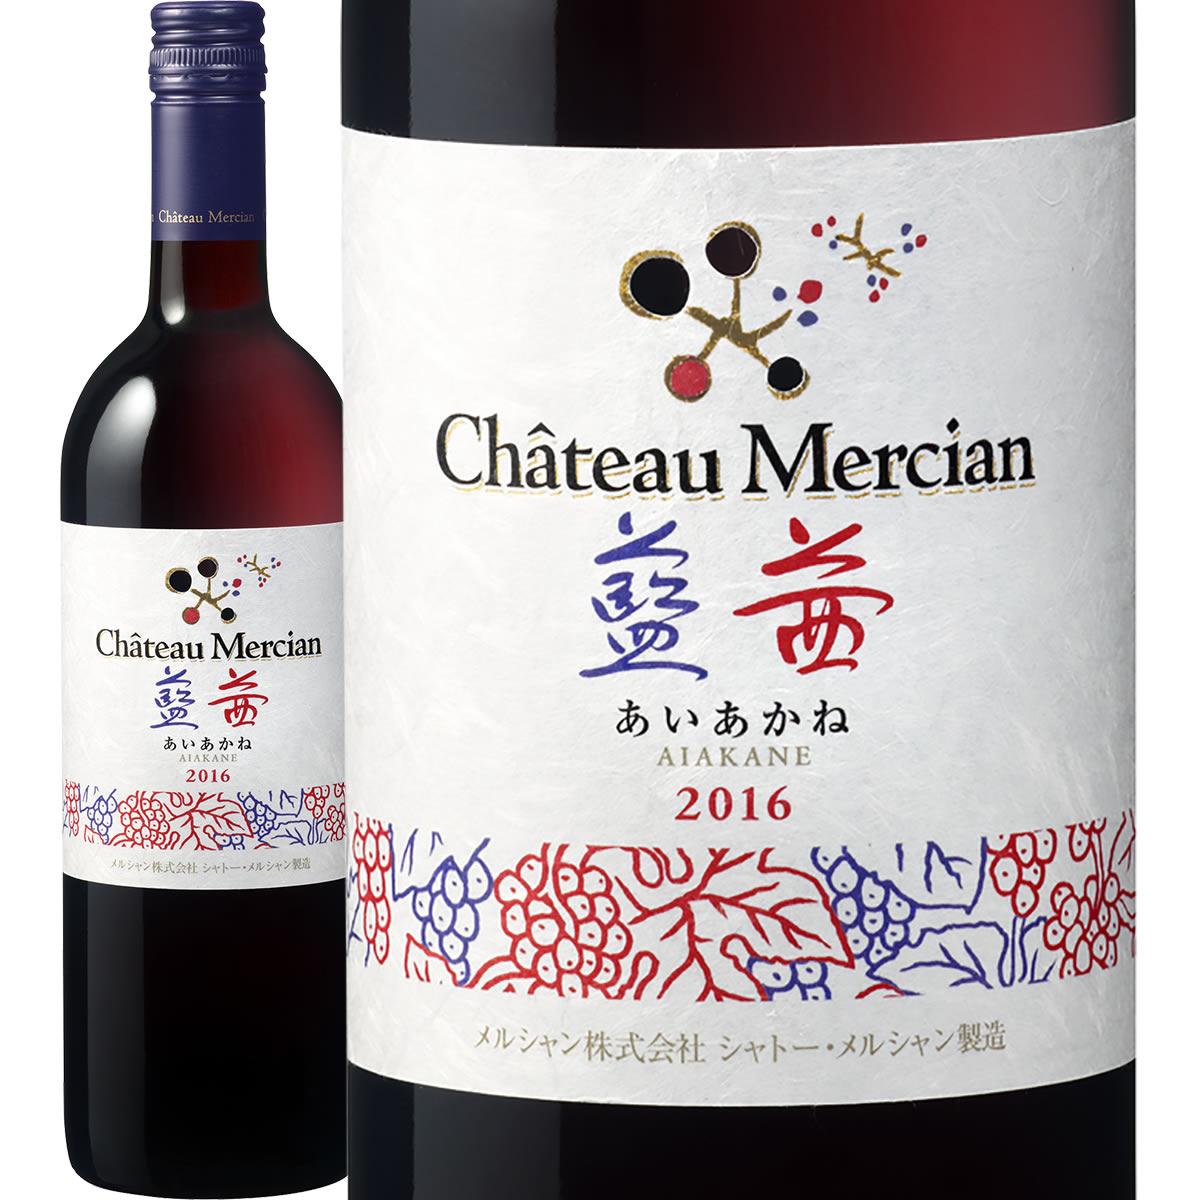 今 最も注目の国産ワインはこれ 信用 SALE開催中 今までの常識を覆す1本です シャトー メルシャン 藍茜 最新ヴィンテージでお届け